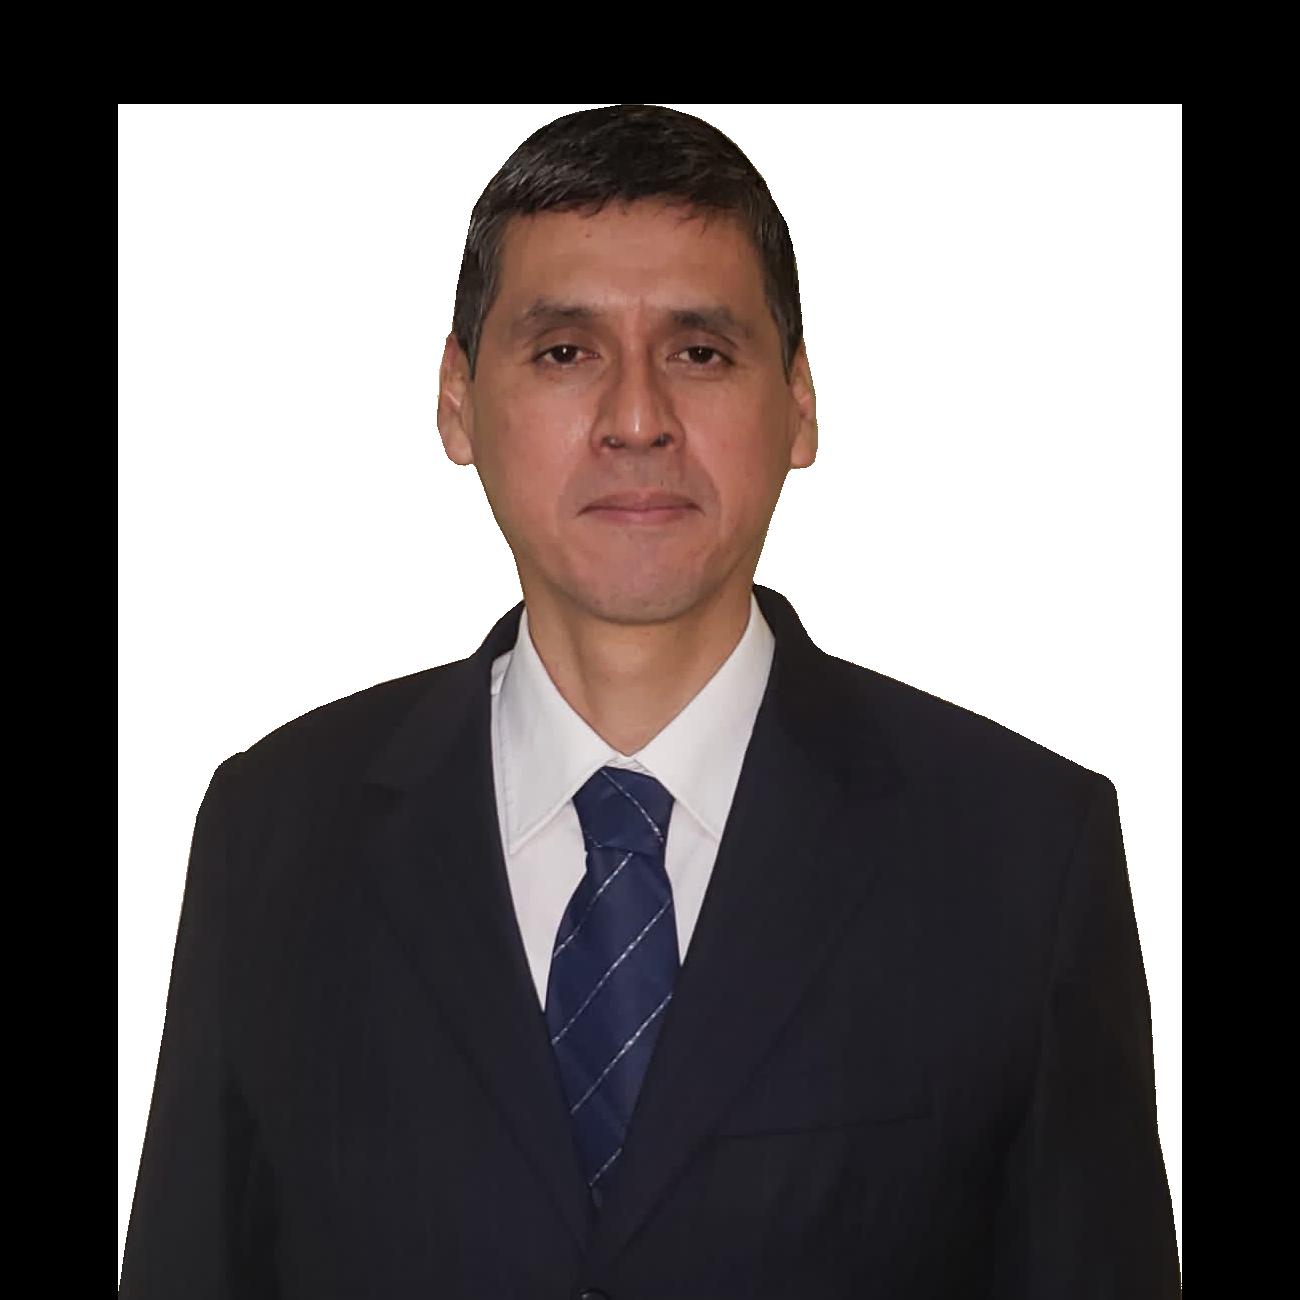 Wilfredo Regalado